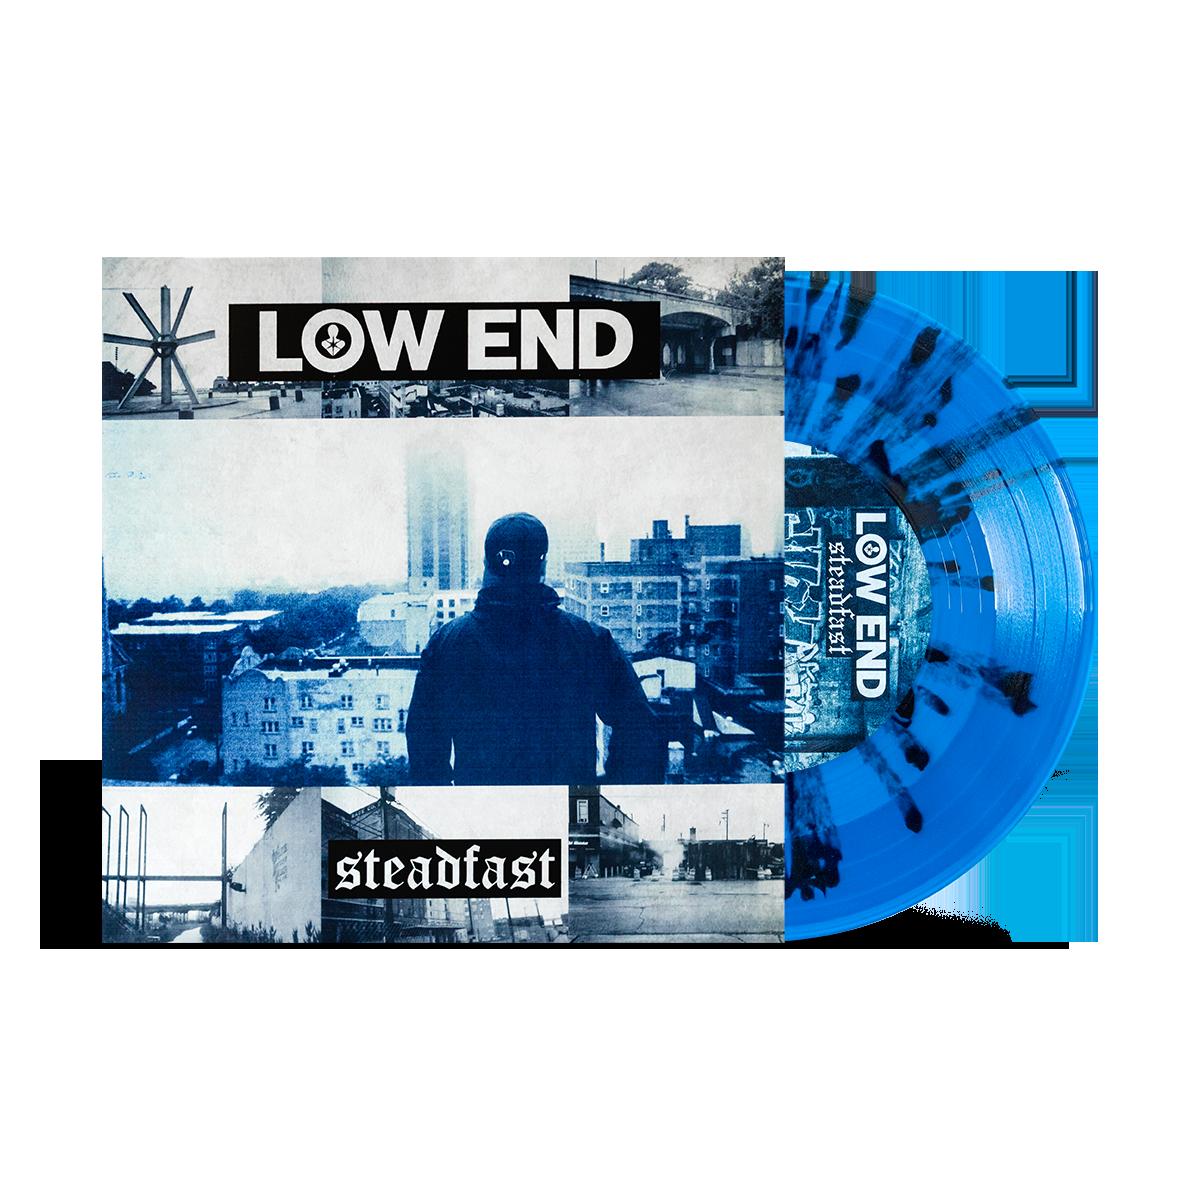 low-end-blue-splatter-1200x.png